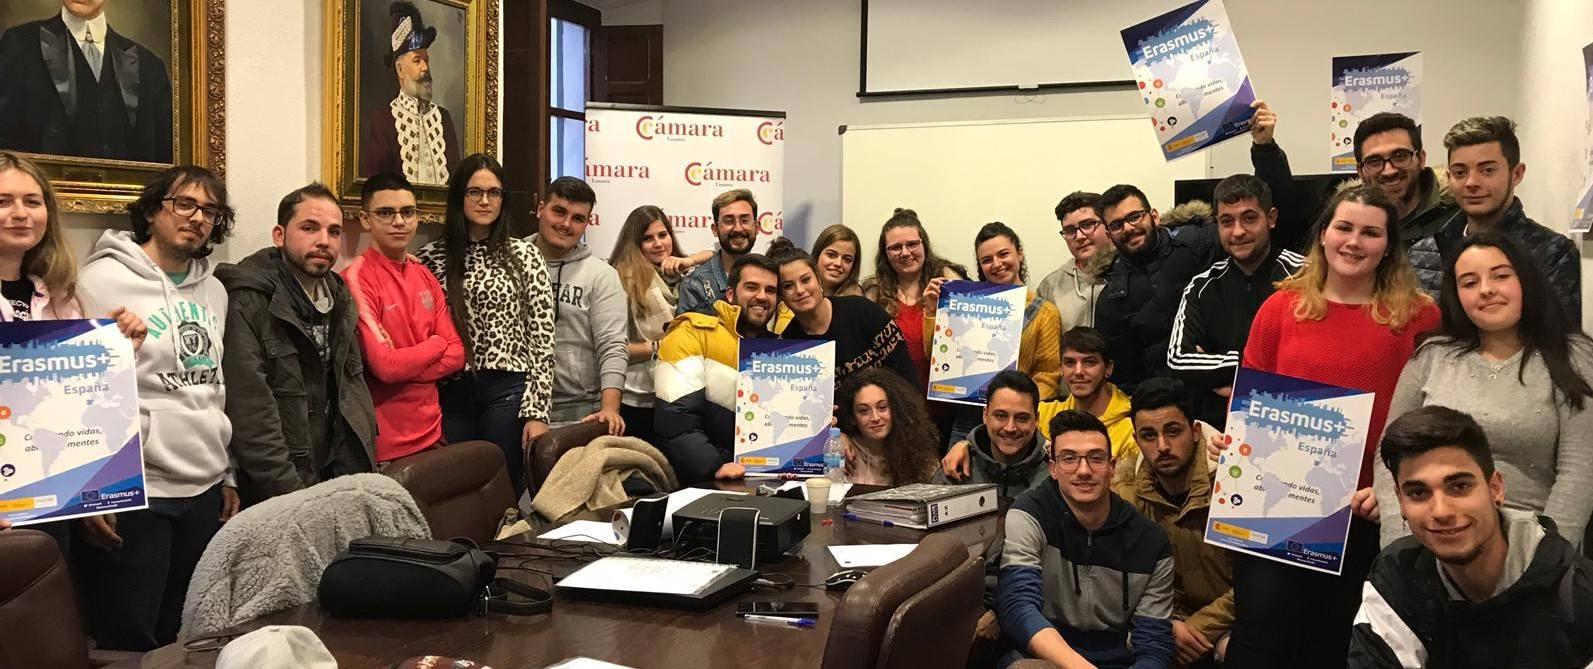 La Cámara de Linares pone en marcha una nueva edición del programa Erasmus+